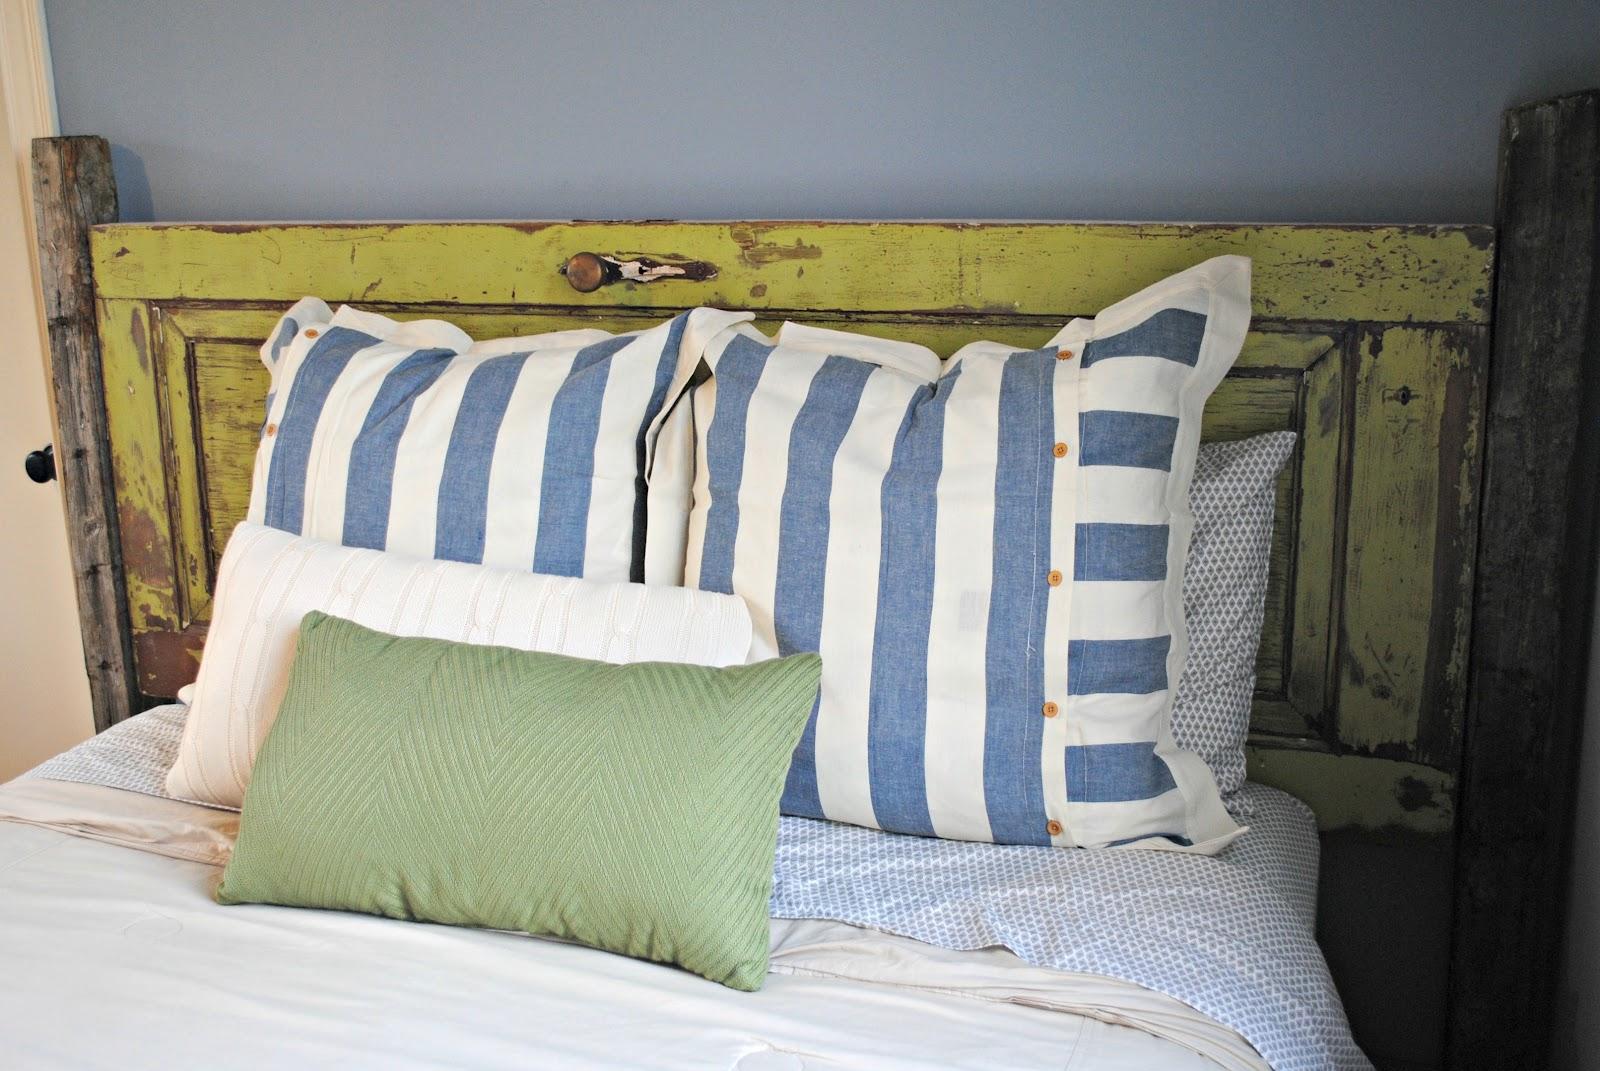 idée pour fabriquer une tete de lit en porte bois brut usée, linge de lit blanc, vert et bleu, mur couleur bleue